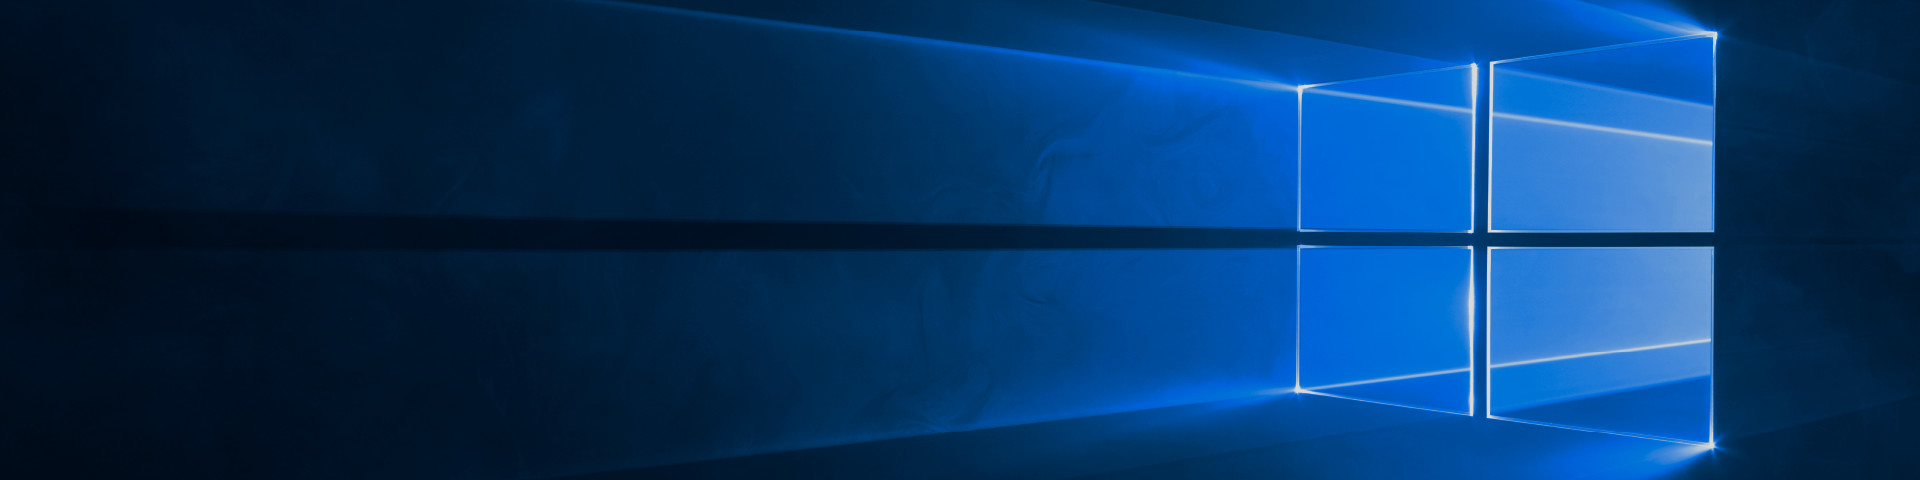 빛을 발하는 창문, Windows 10 구입 및 다운로드하기